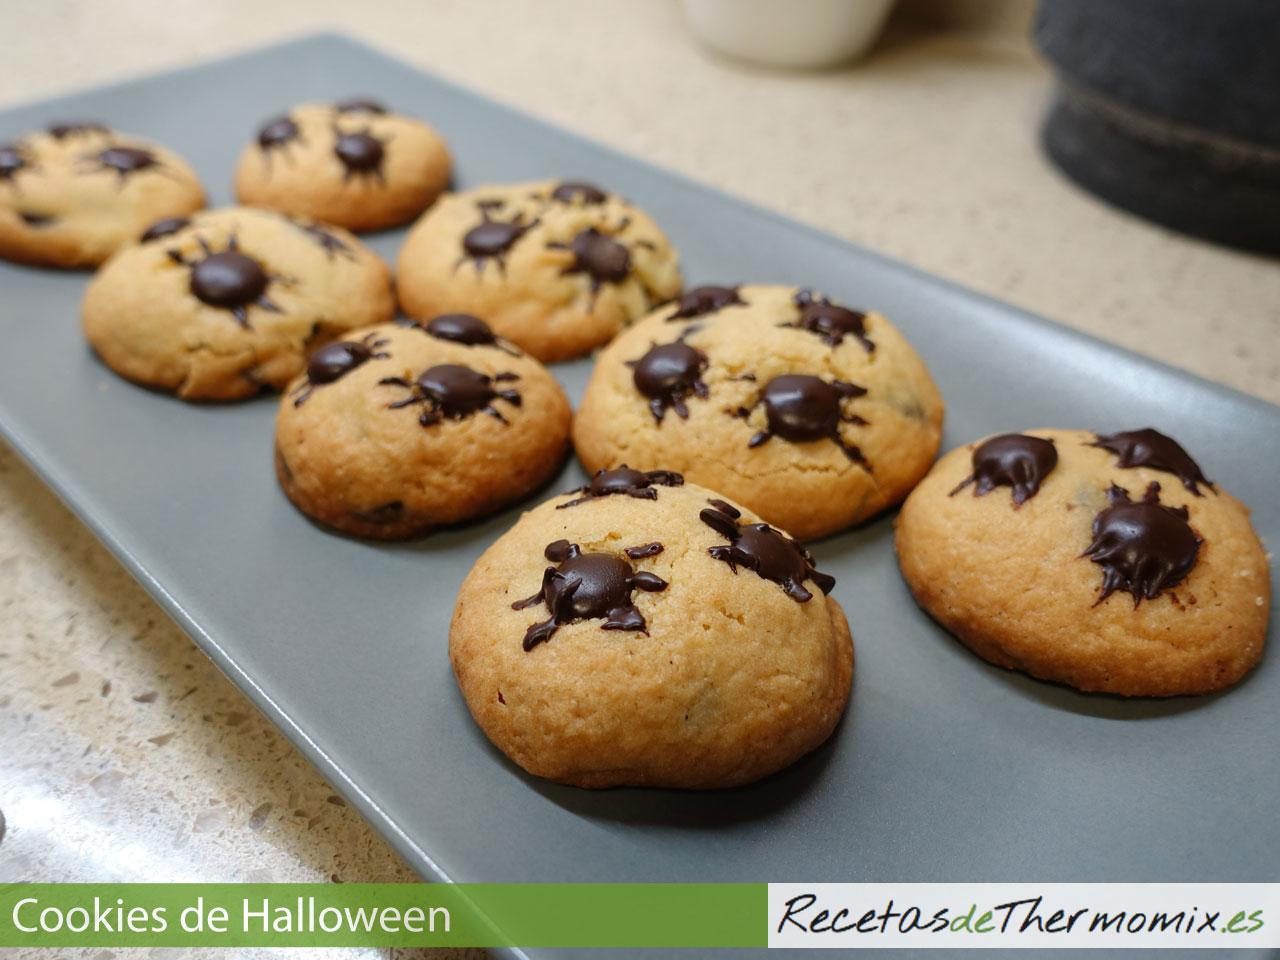 Cookies con arañas para Halloween con Thermomix